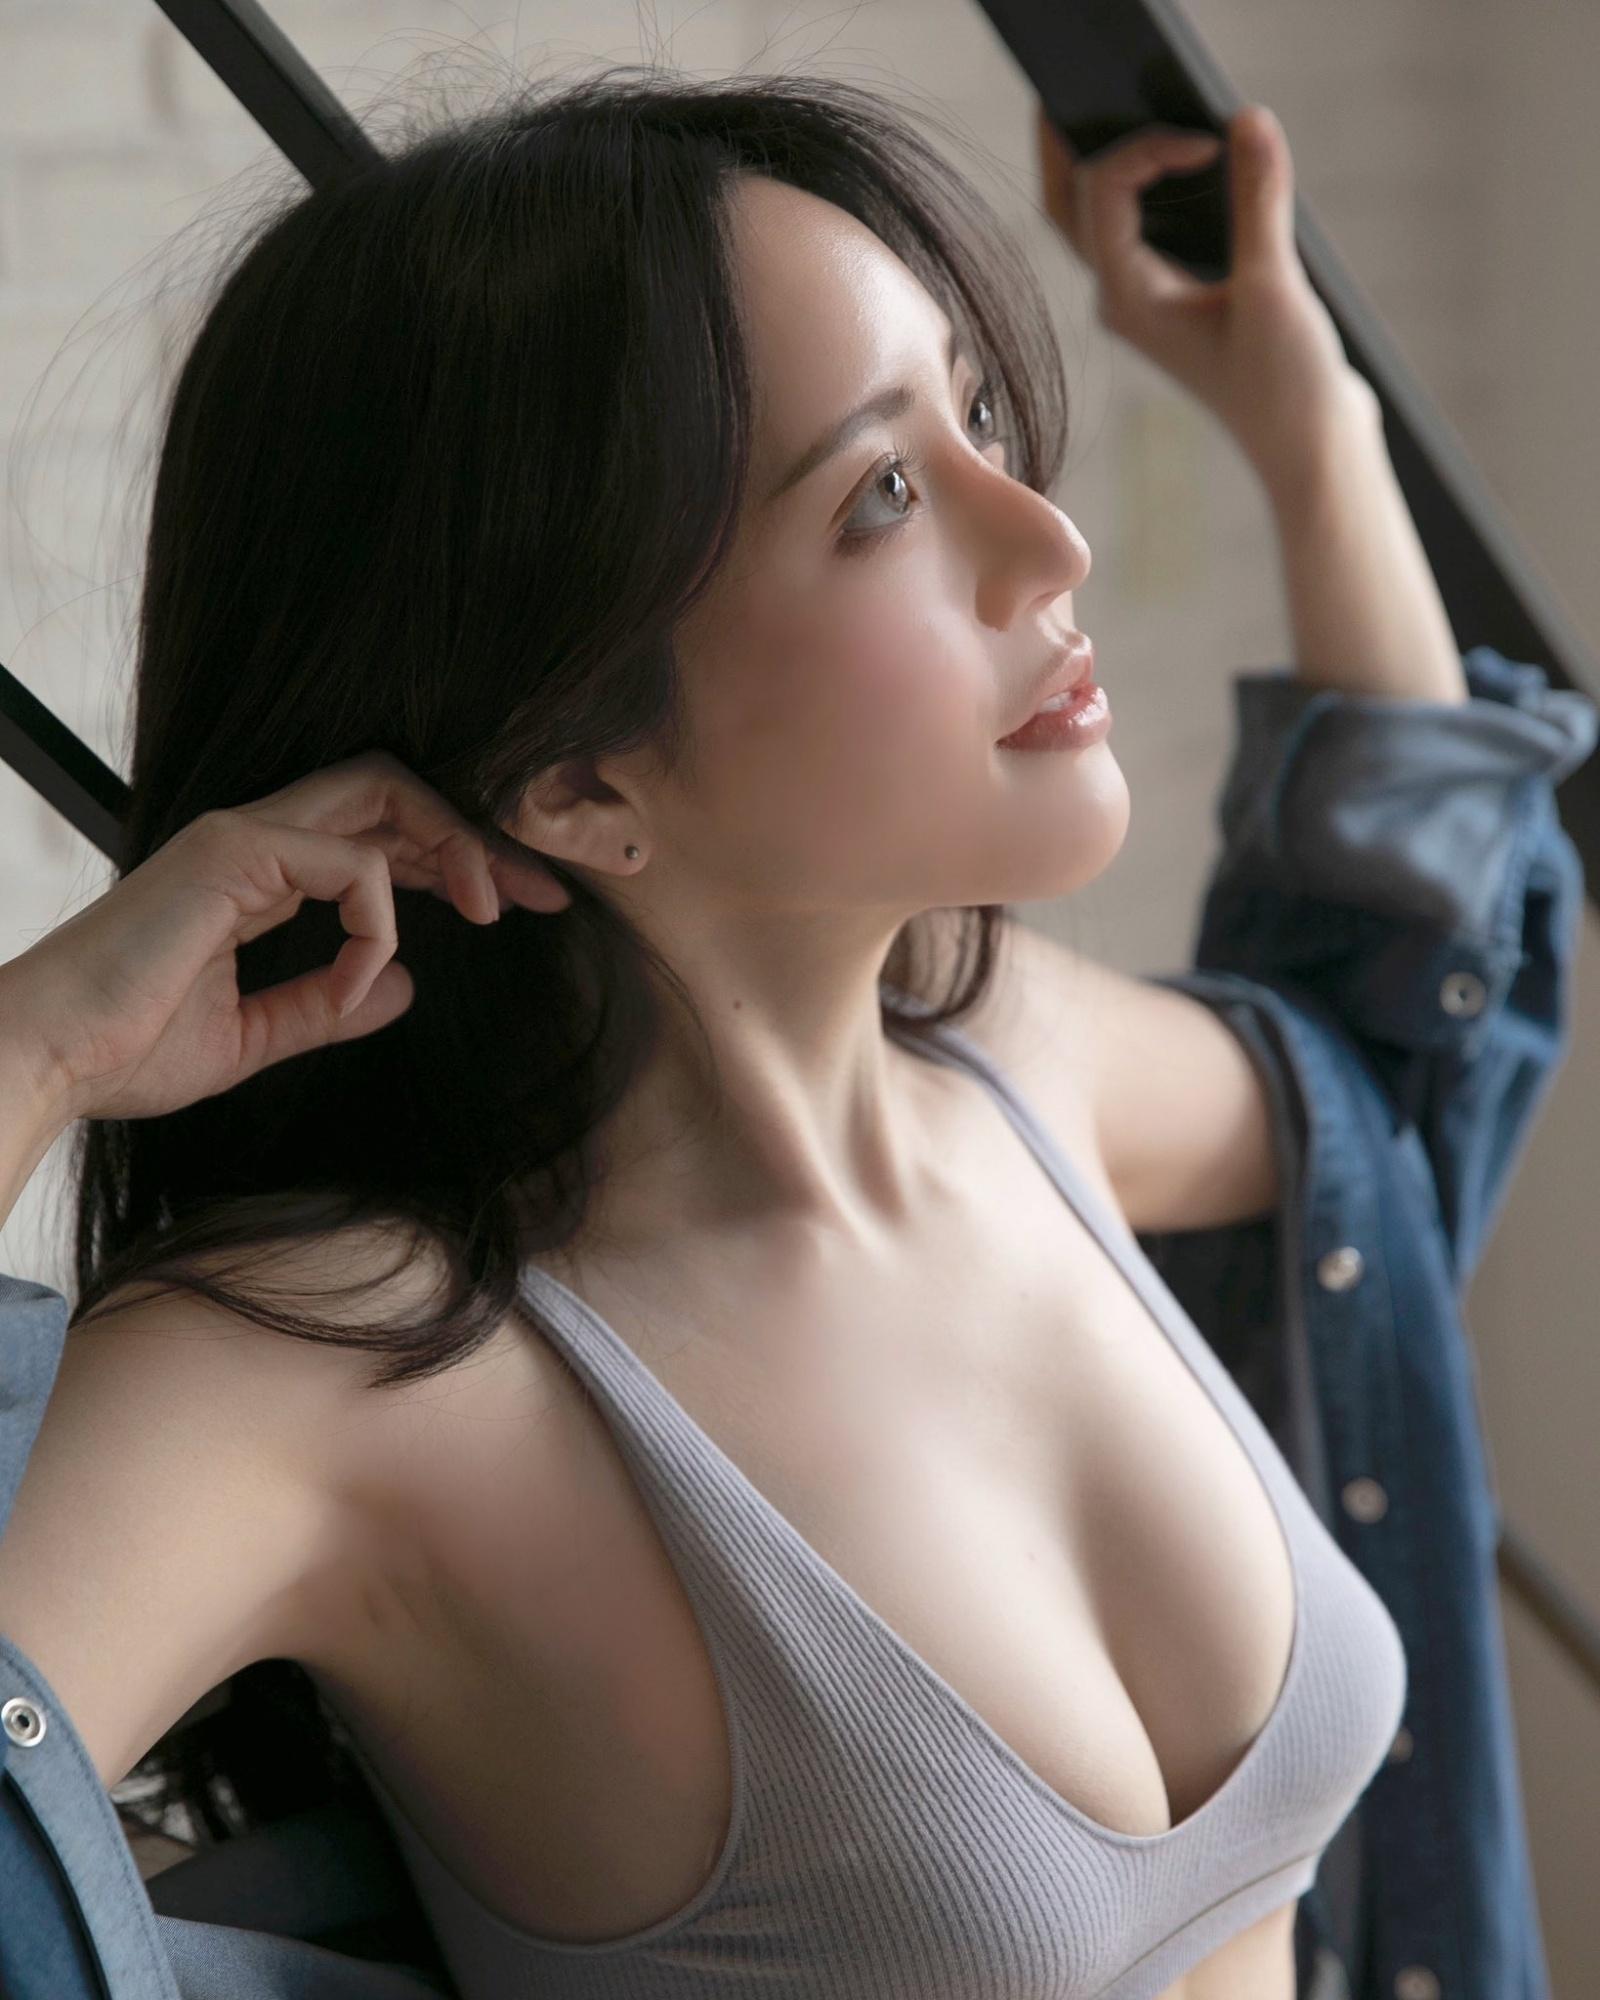 再掀轰动.大胃王女神谷亚莎子性感写真 养眼图片 第22张